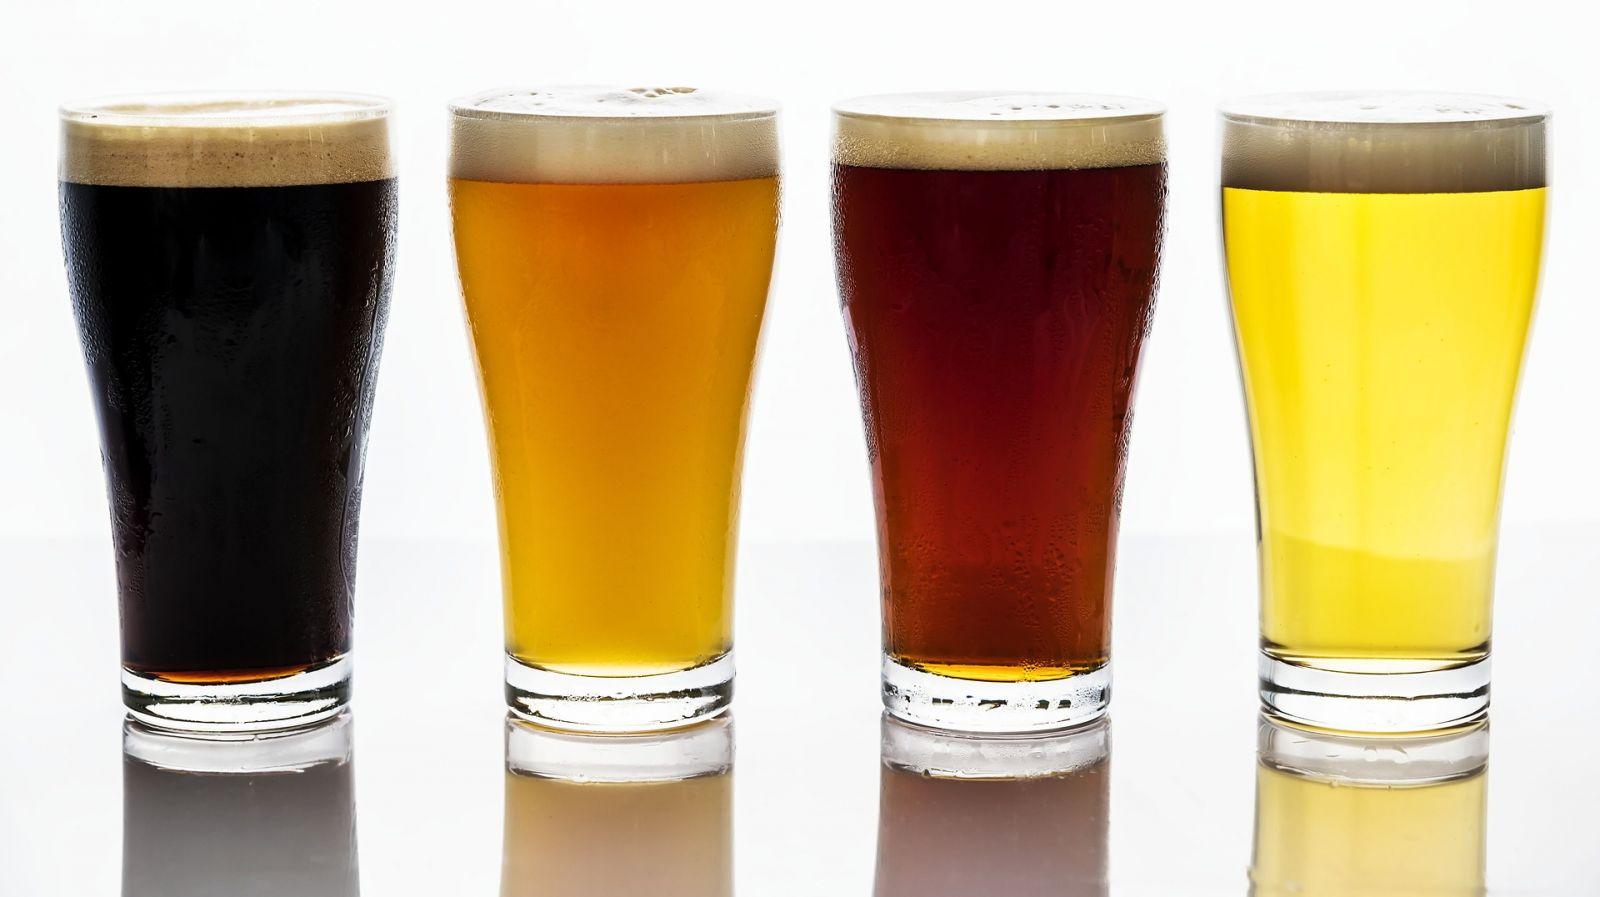 Táto jar bude patriť pivným špeciálom. Test odhalí, ktorý je pre vás ten pravý